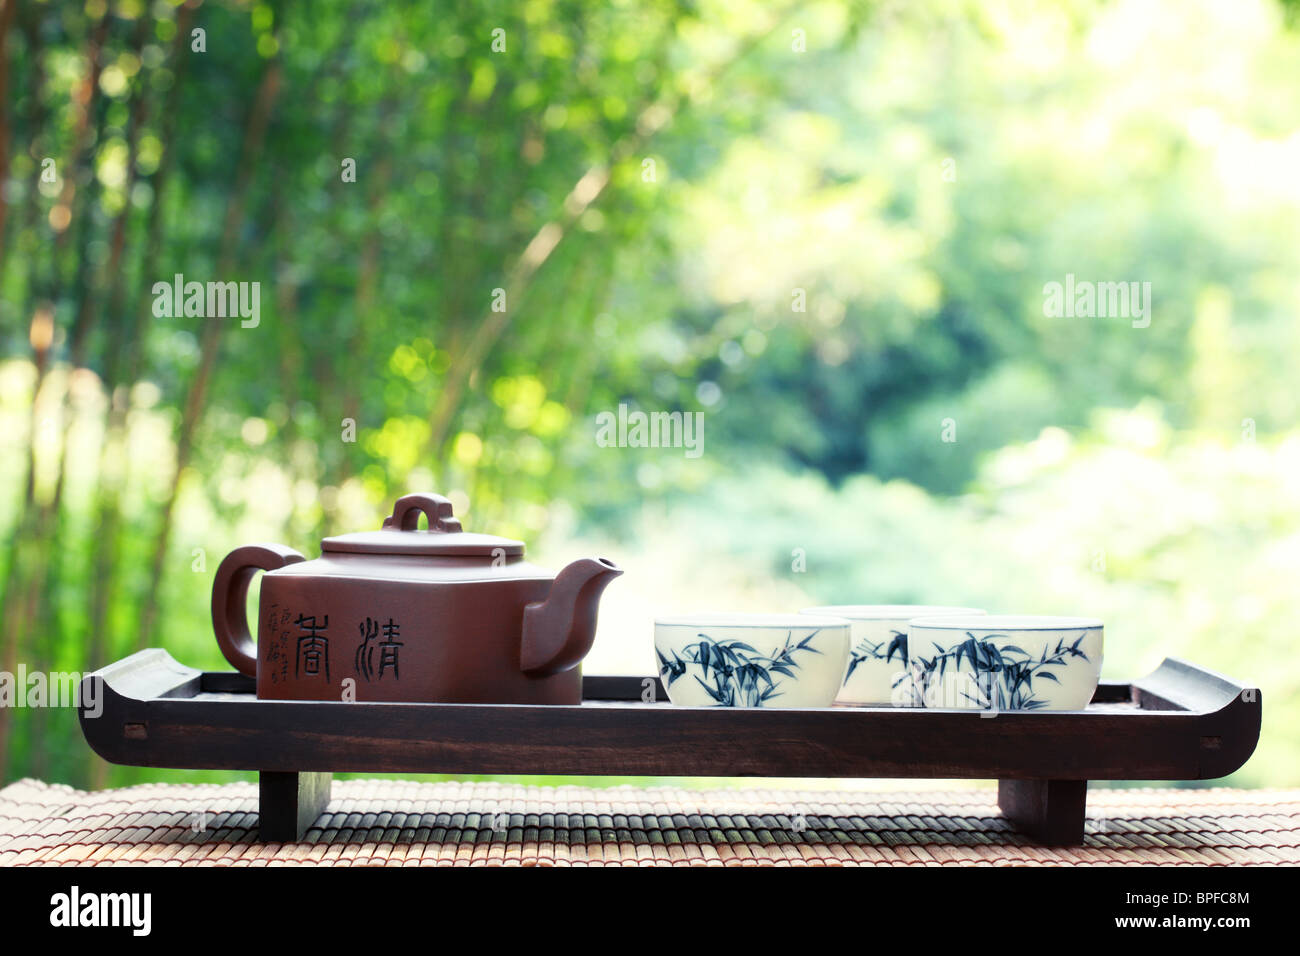 Classical asian tea set at outdoors - Stock Image